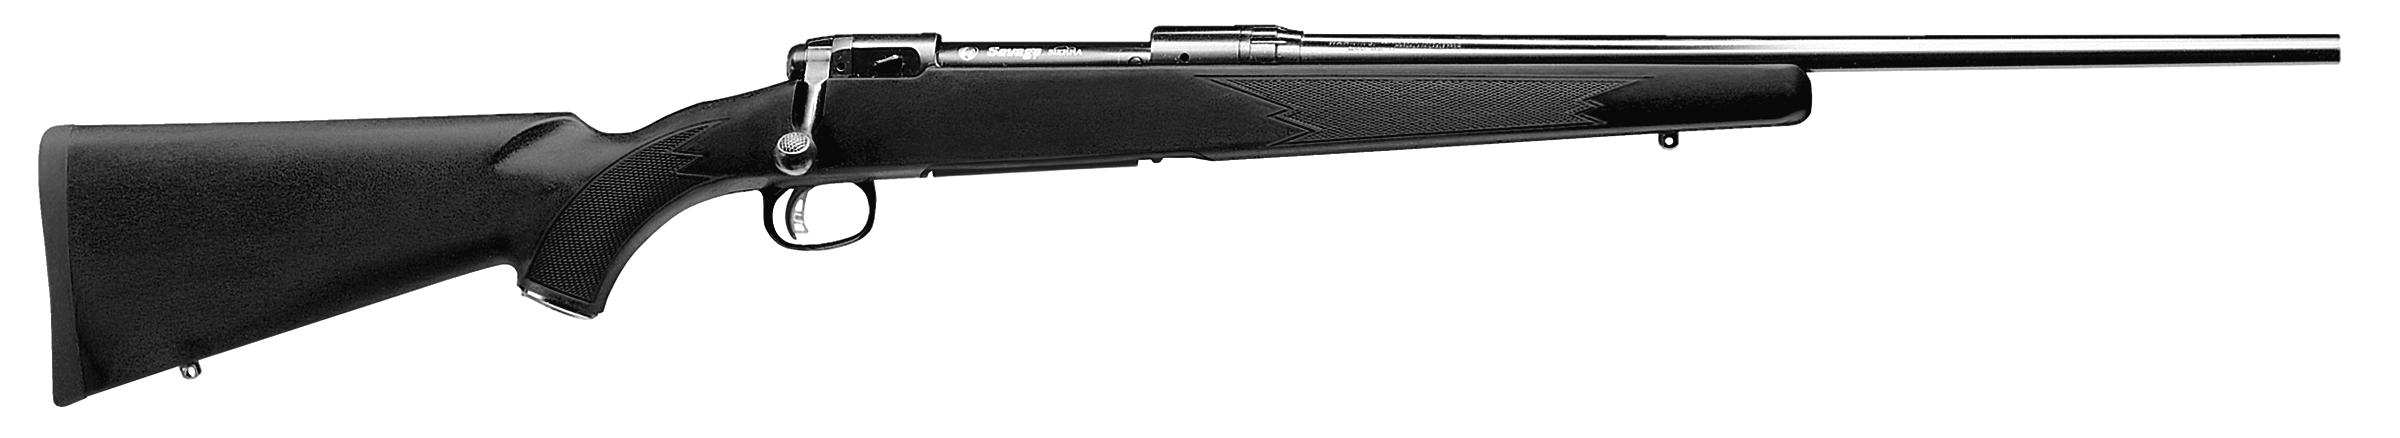 Model 10FCM—Sierra